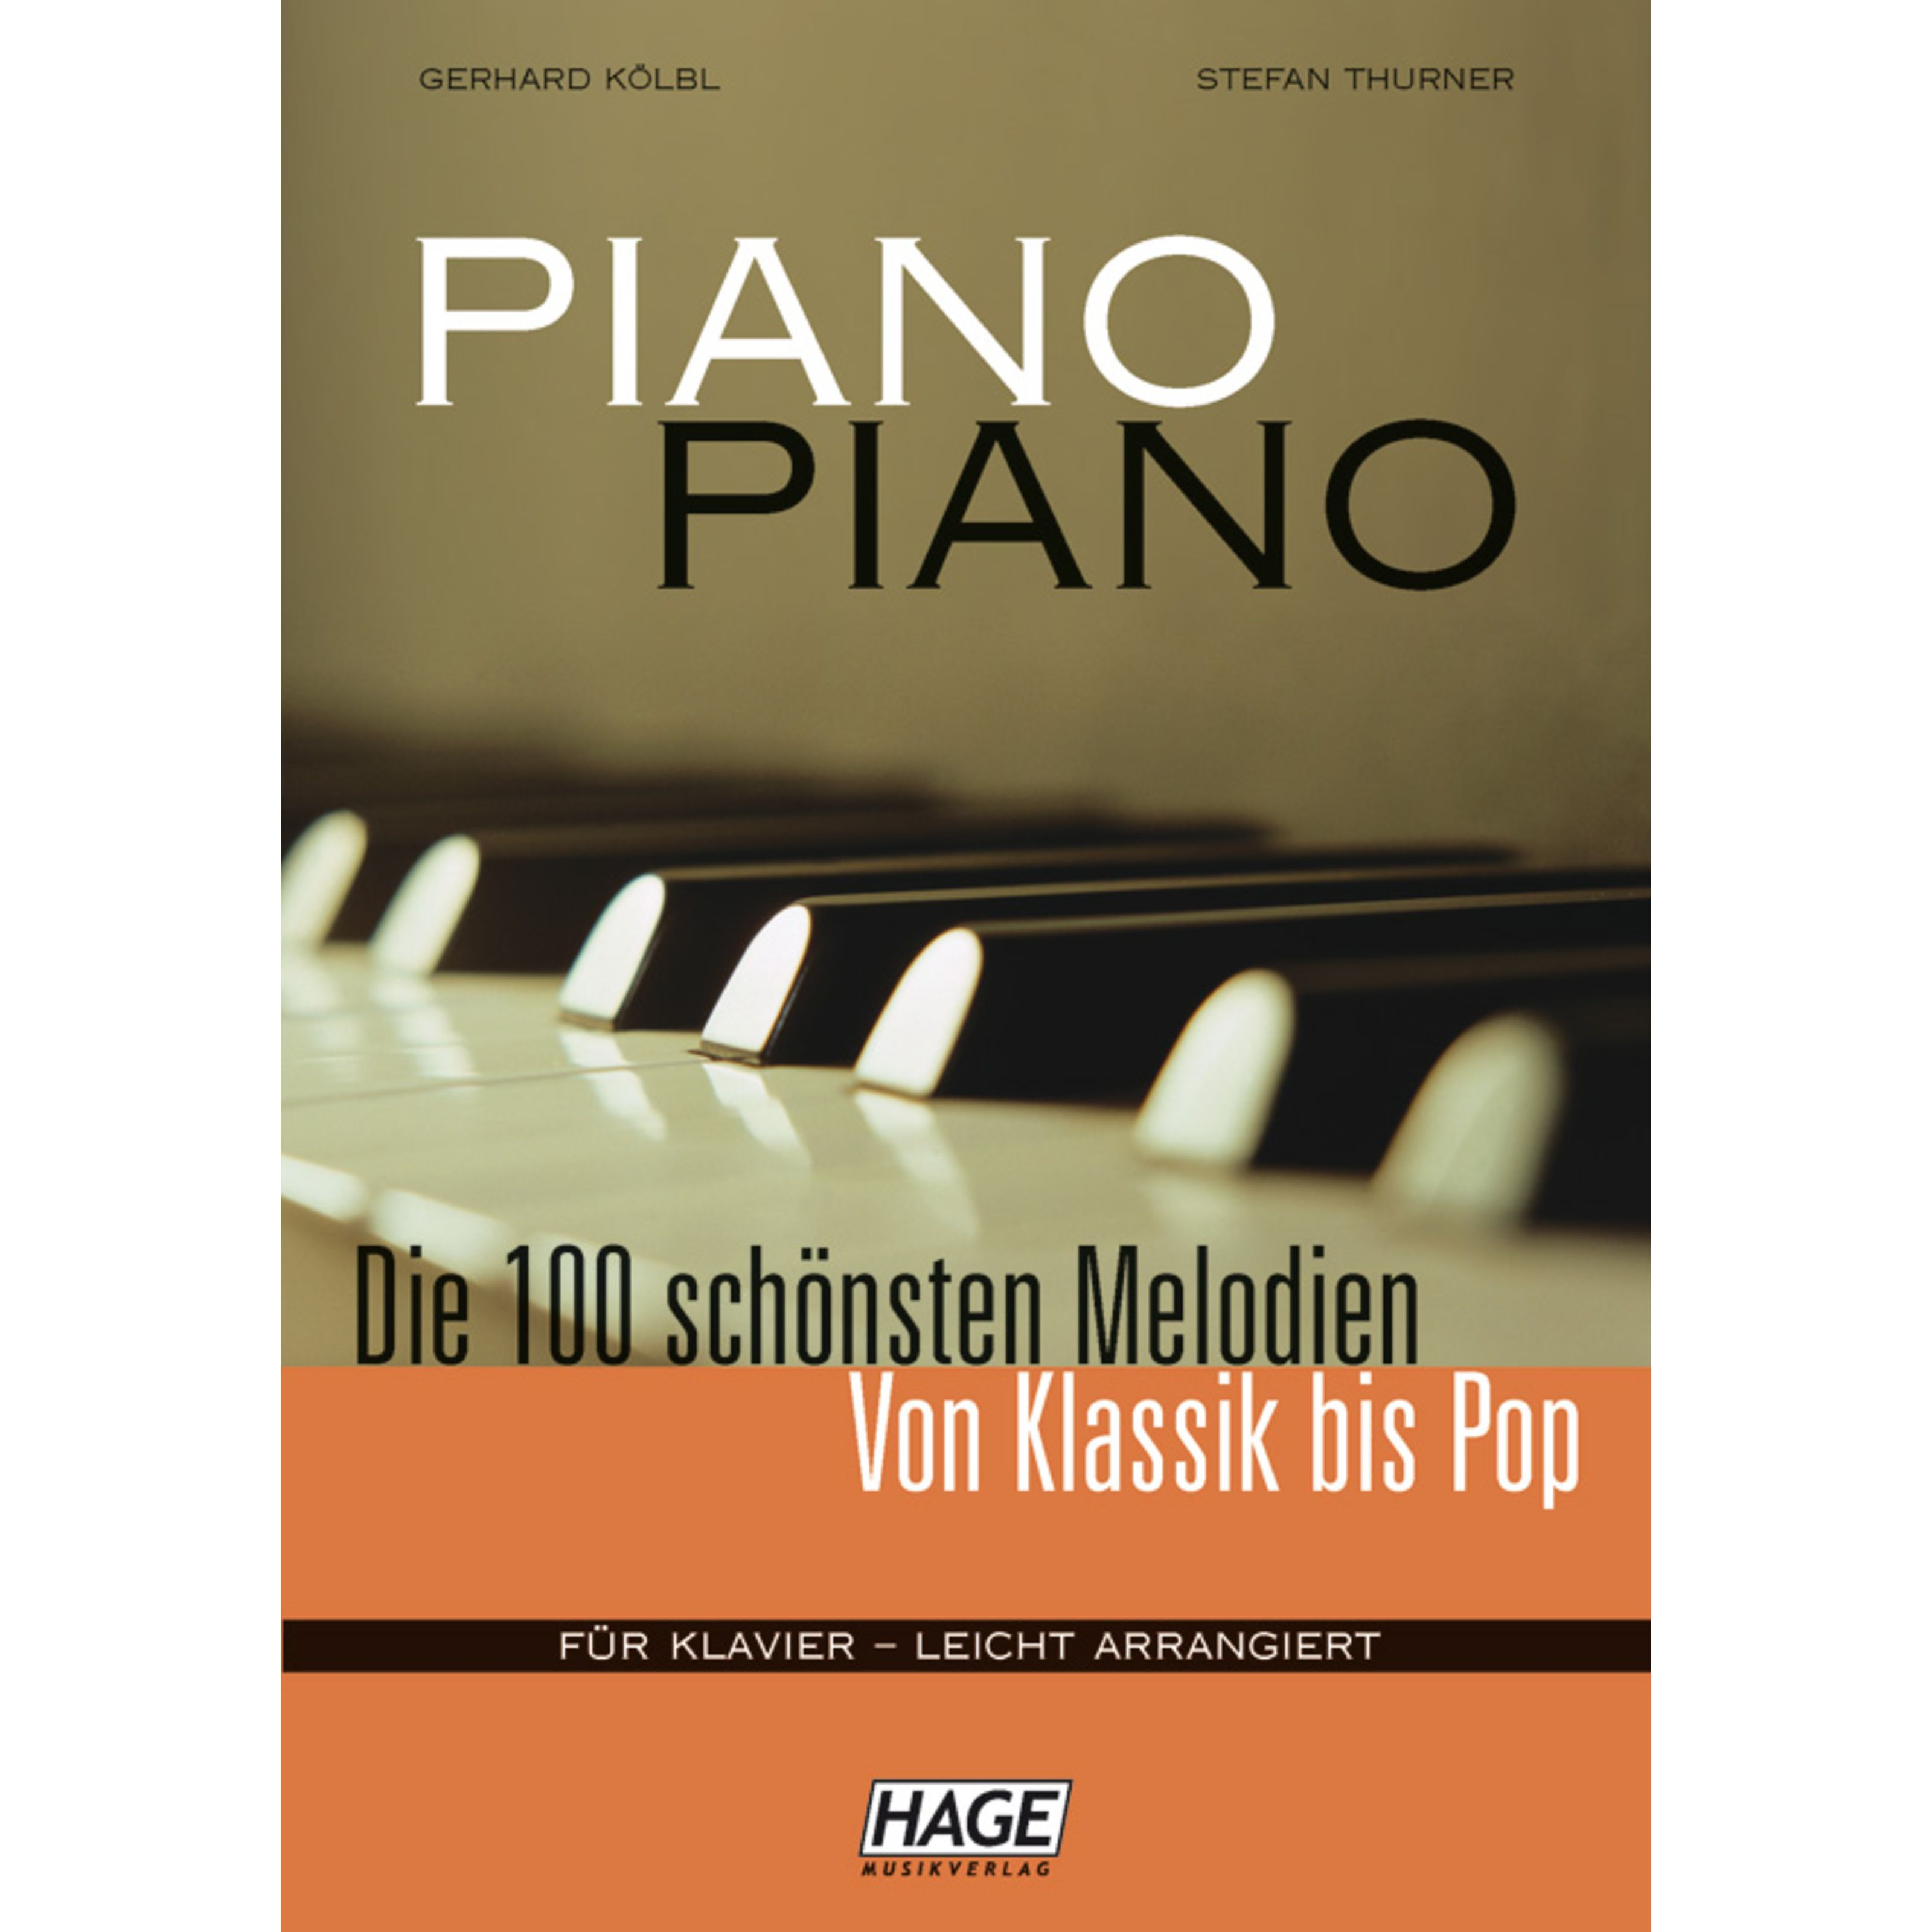 Hage Musikverlag - Piano Piano 1 EH 3633